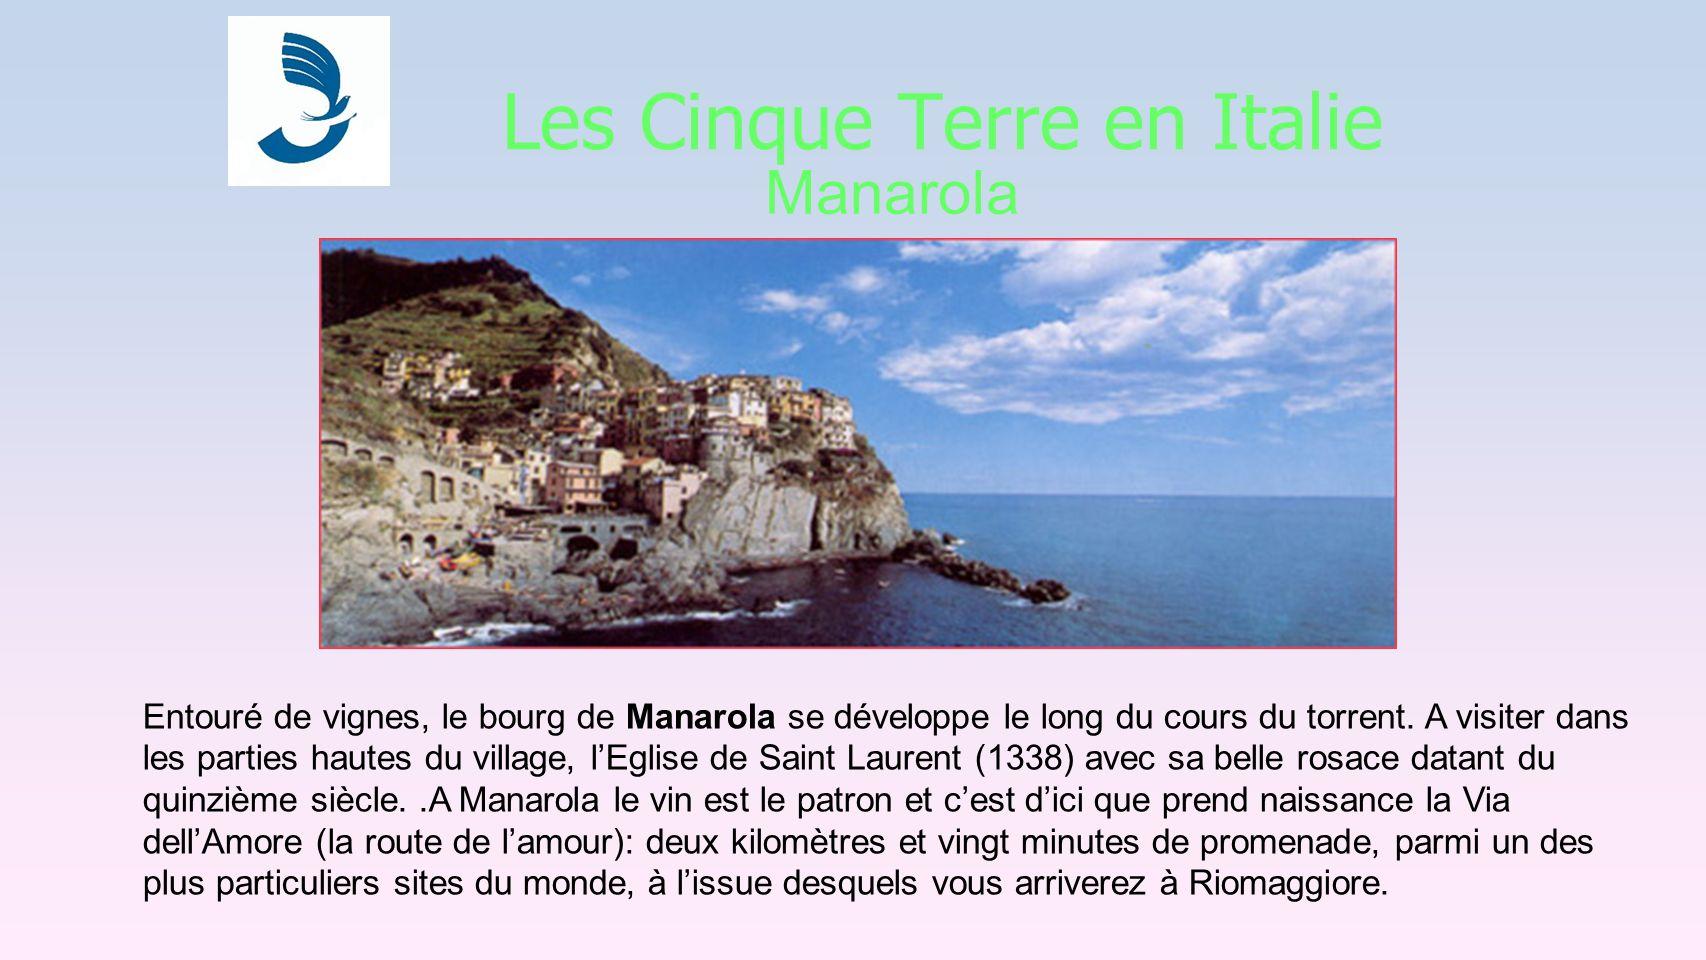 Les Cinque Terre en Italie Manarola Entouré de vignes, le bourg de Manarola se développe le long du cours du torrent.